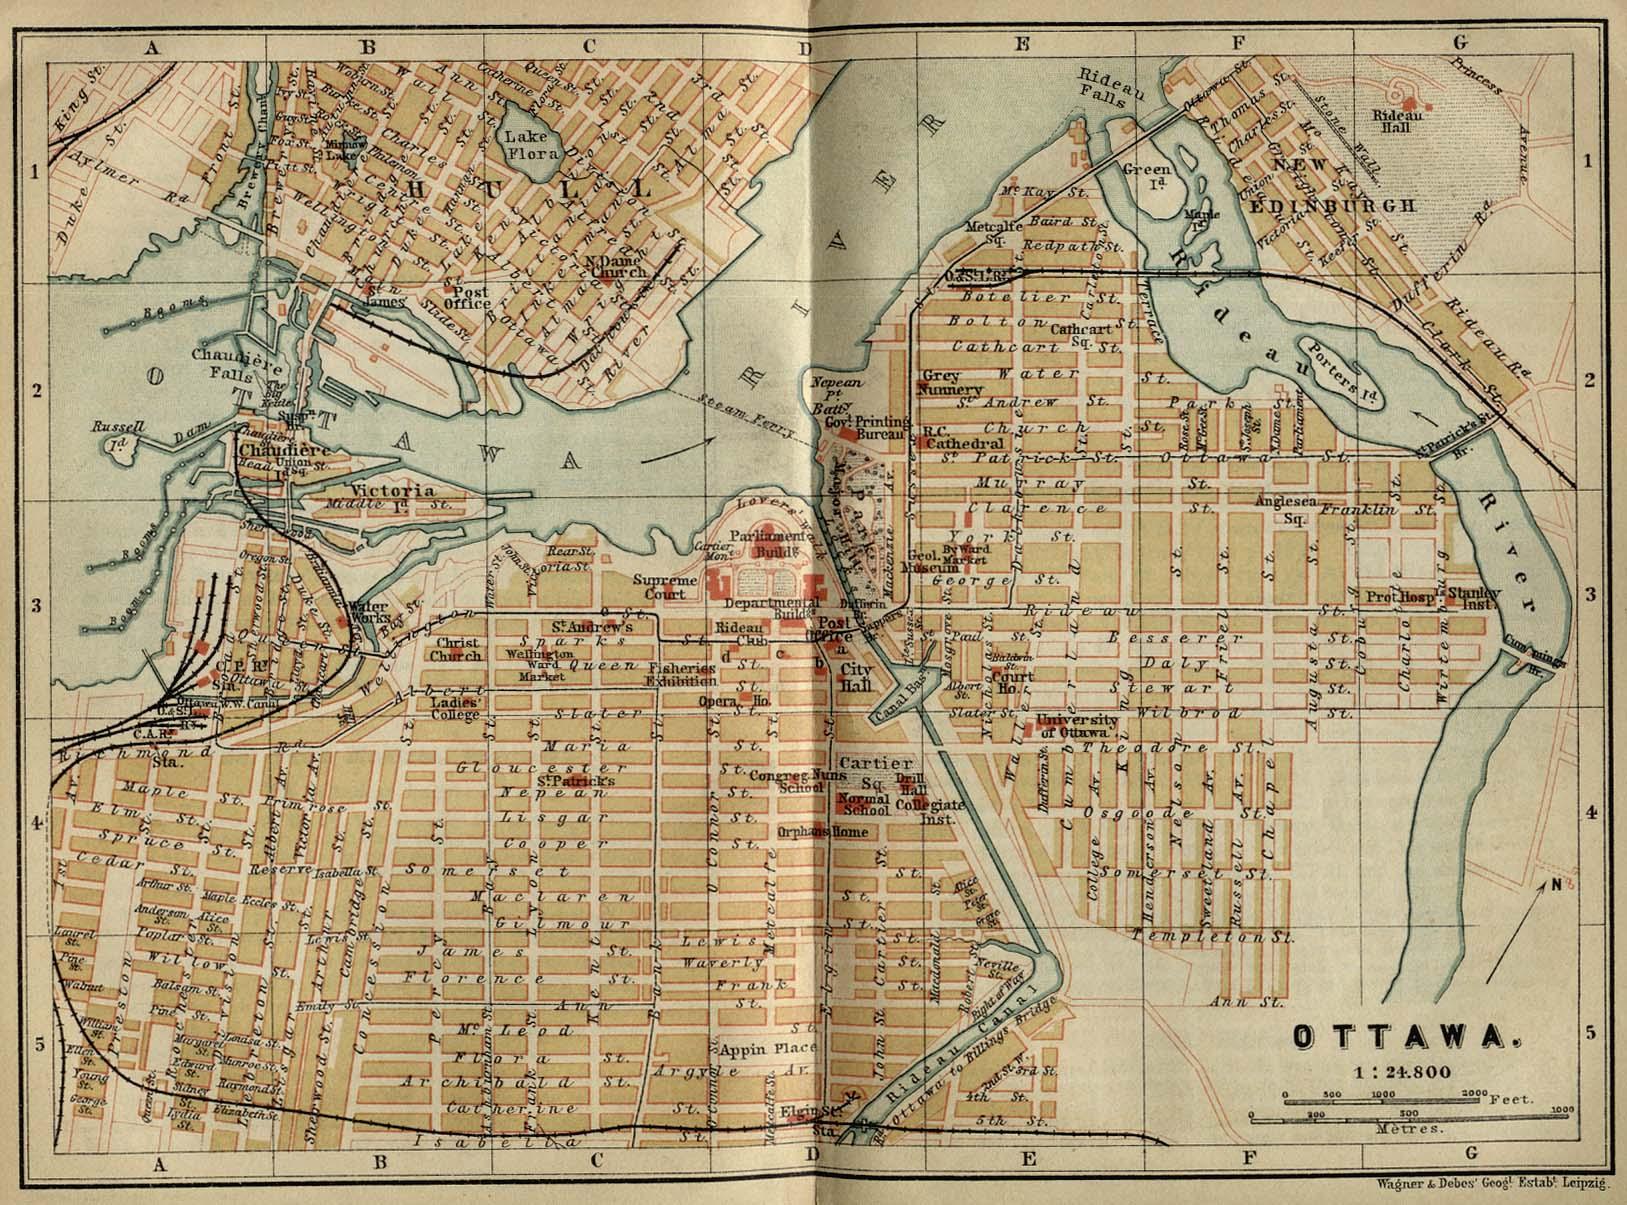 Mapa de la Ciudad de Ottawa, Ontario, Canadá 1894